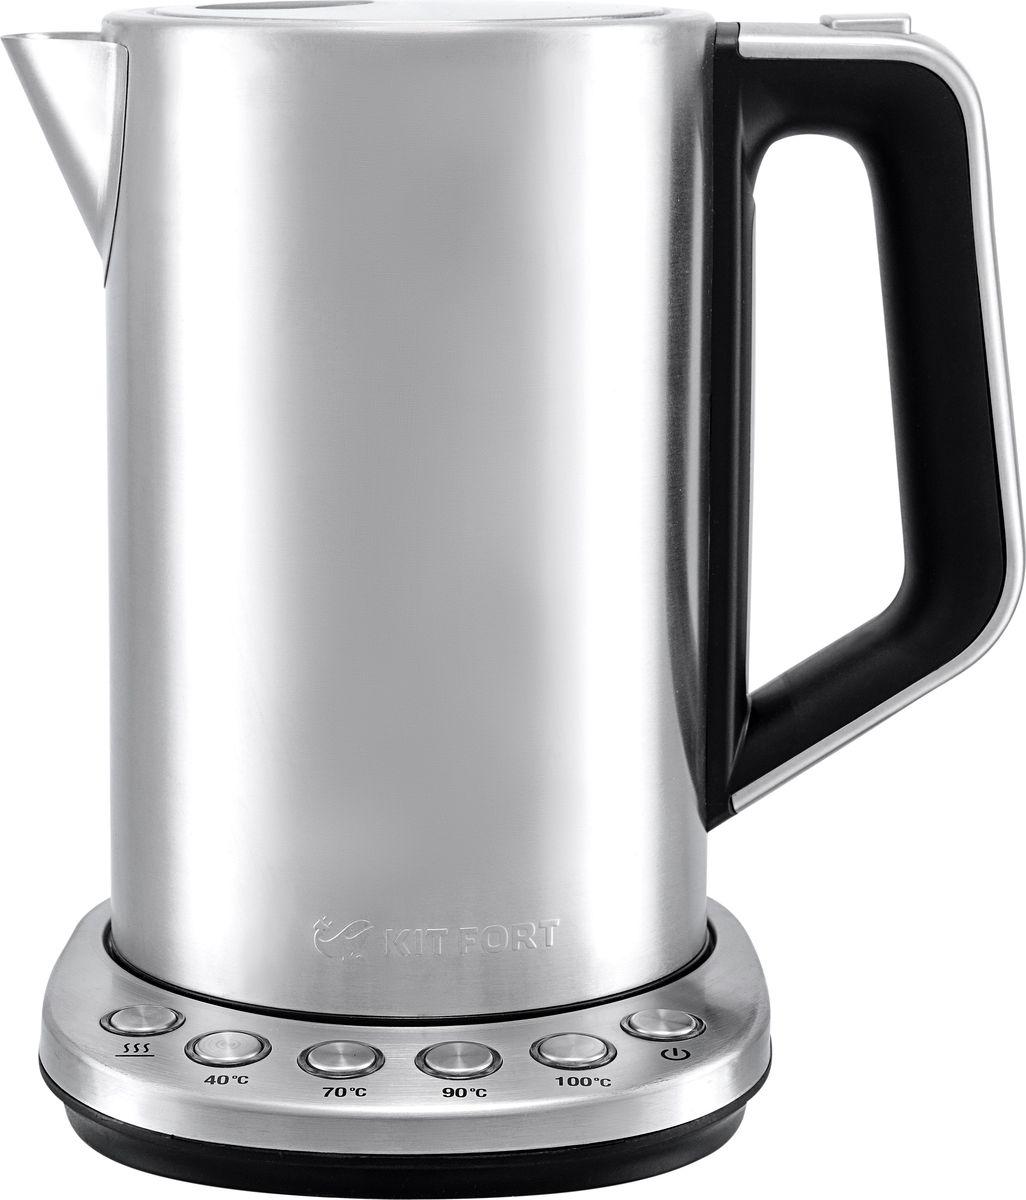 Kitfort КТ-621 чайник электрическийКТ-621Электрический чайник с терморегулятором Kitfort КТ-621 может не только вскипятить воду, но и нагреть ее дотемпературы 40,70 и 90°С, что необходимо для правильного заваривания различных сортов чая и полногораскрытия вкуса напитков.С заботой о самых маленьких. Температура 40°С пригодится для приготовления детского питания.Функция поддержания температуры. С помощью этой функции чайник поддерживает заданную температуру водыв течение 1 часа.На долгий срок службы. Корпус чайника выполнен из нержавеющей стали, а подставка — из сочетания пластмассыи нержавеющей стали. Ручка чайника пластиковая, не нагревается и удобно лежит в руке. Чайник имеет защиту отперегрева и защиту от включения без воды.Удобная мерная шкала. Мерная шкала расположена под ручкой, что делает чайник удобным как для правшей, так идля левшей.Легко мыть. Большое горлышко чайника облегчает доступ внутрь при его очистки.